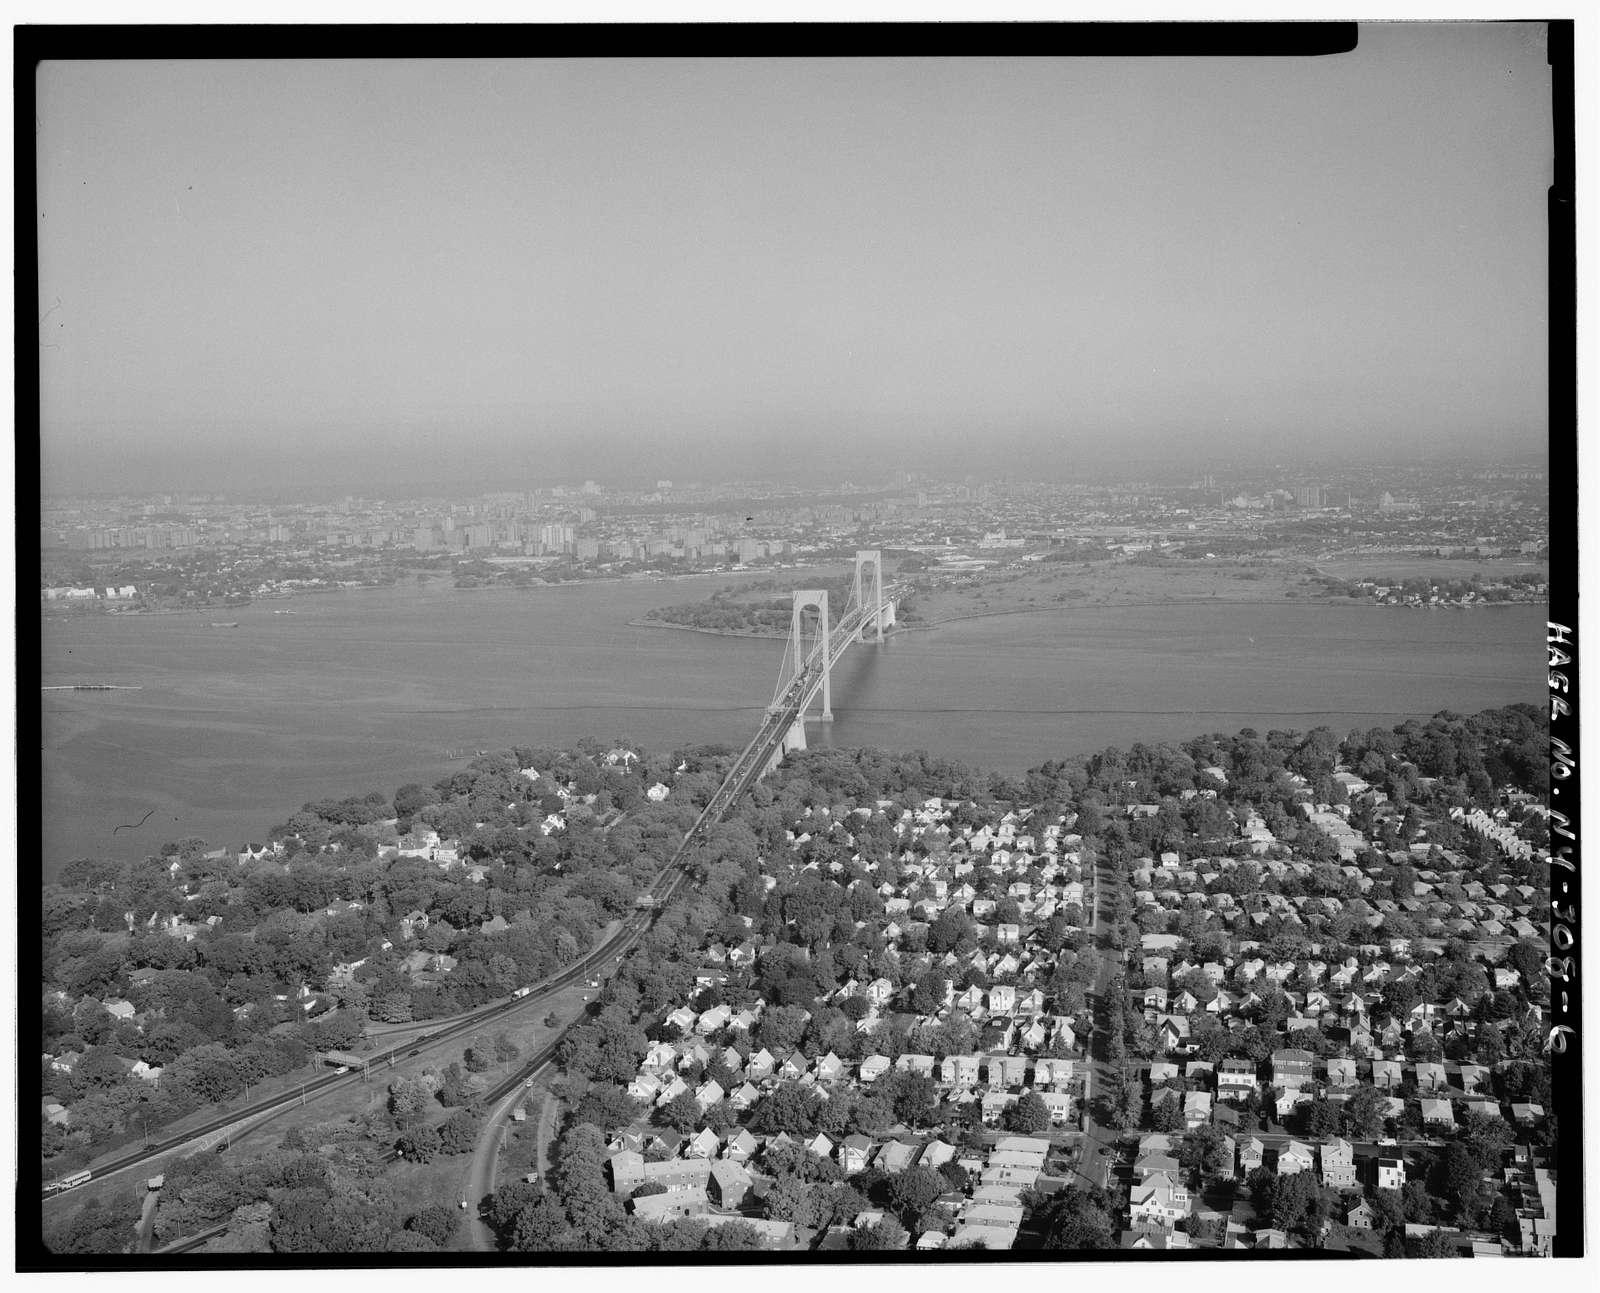 Bronx-Whitestone Bridge, Spanning East River between Whitestone, Queens & the Bronx, Bronx, Bronx County, NY